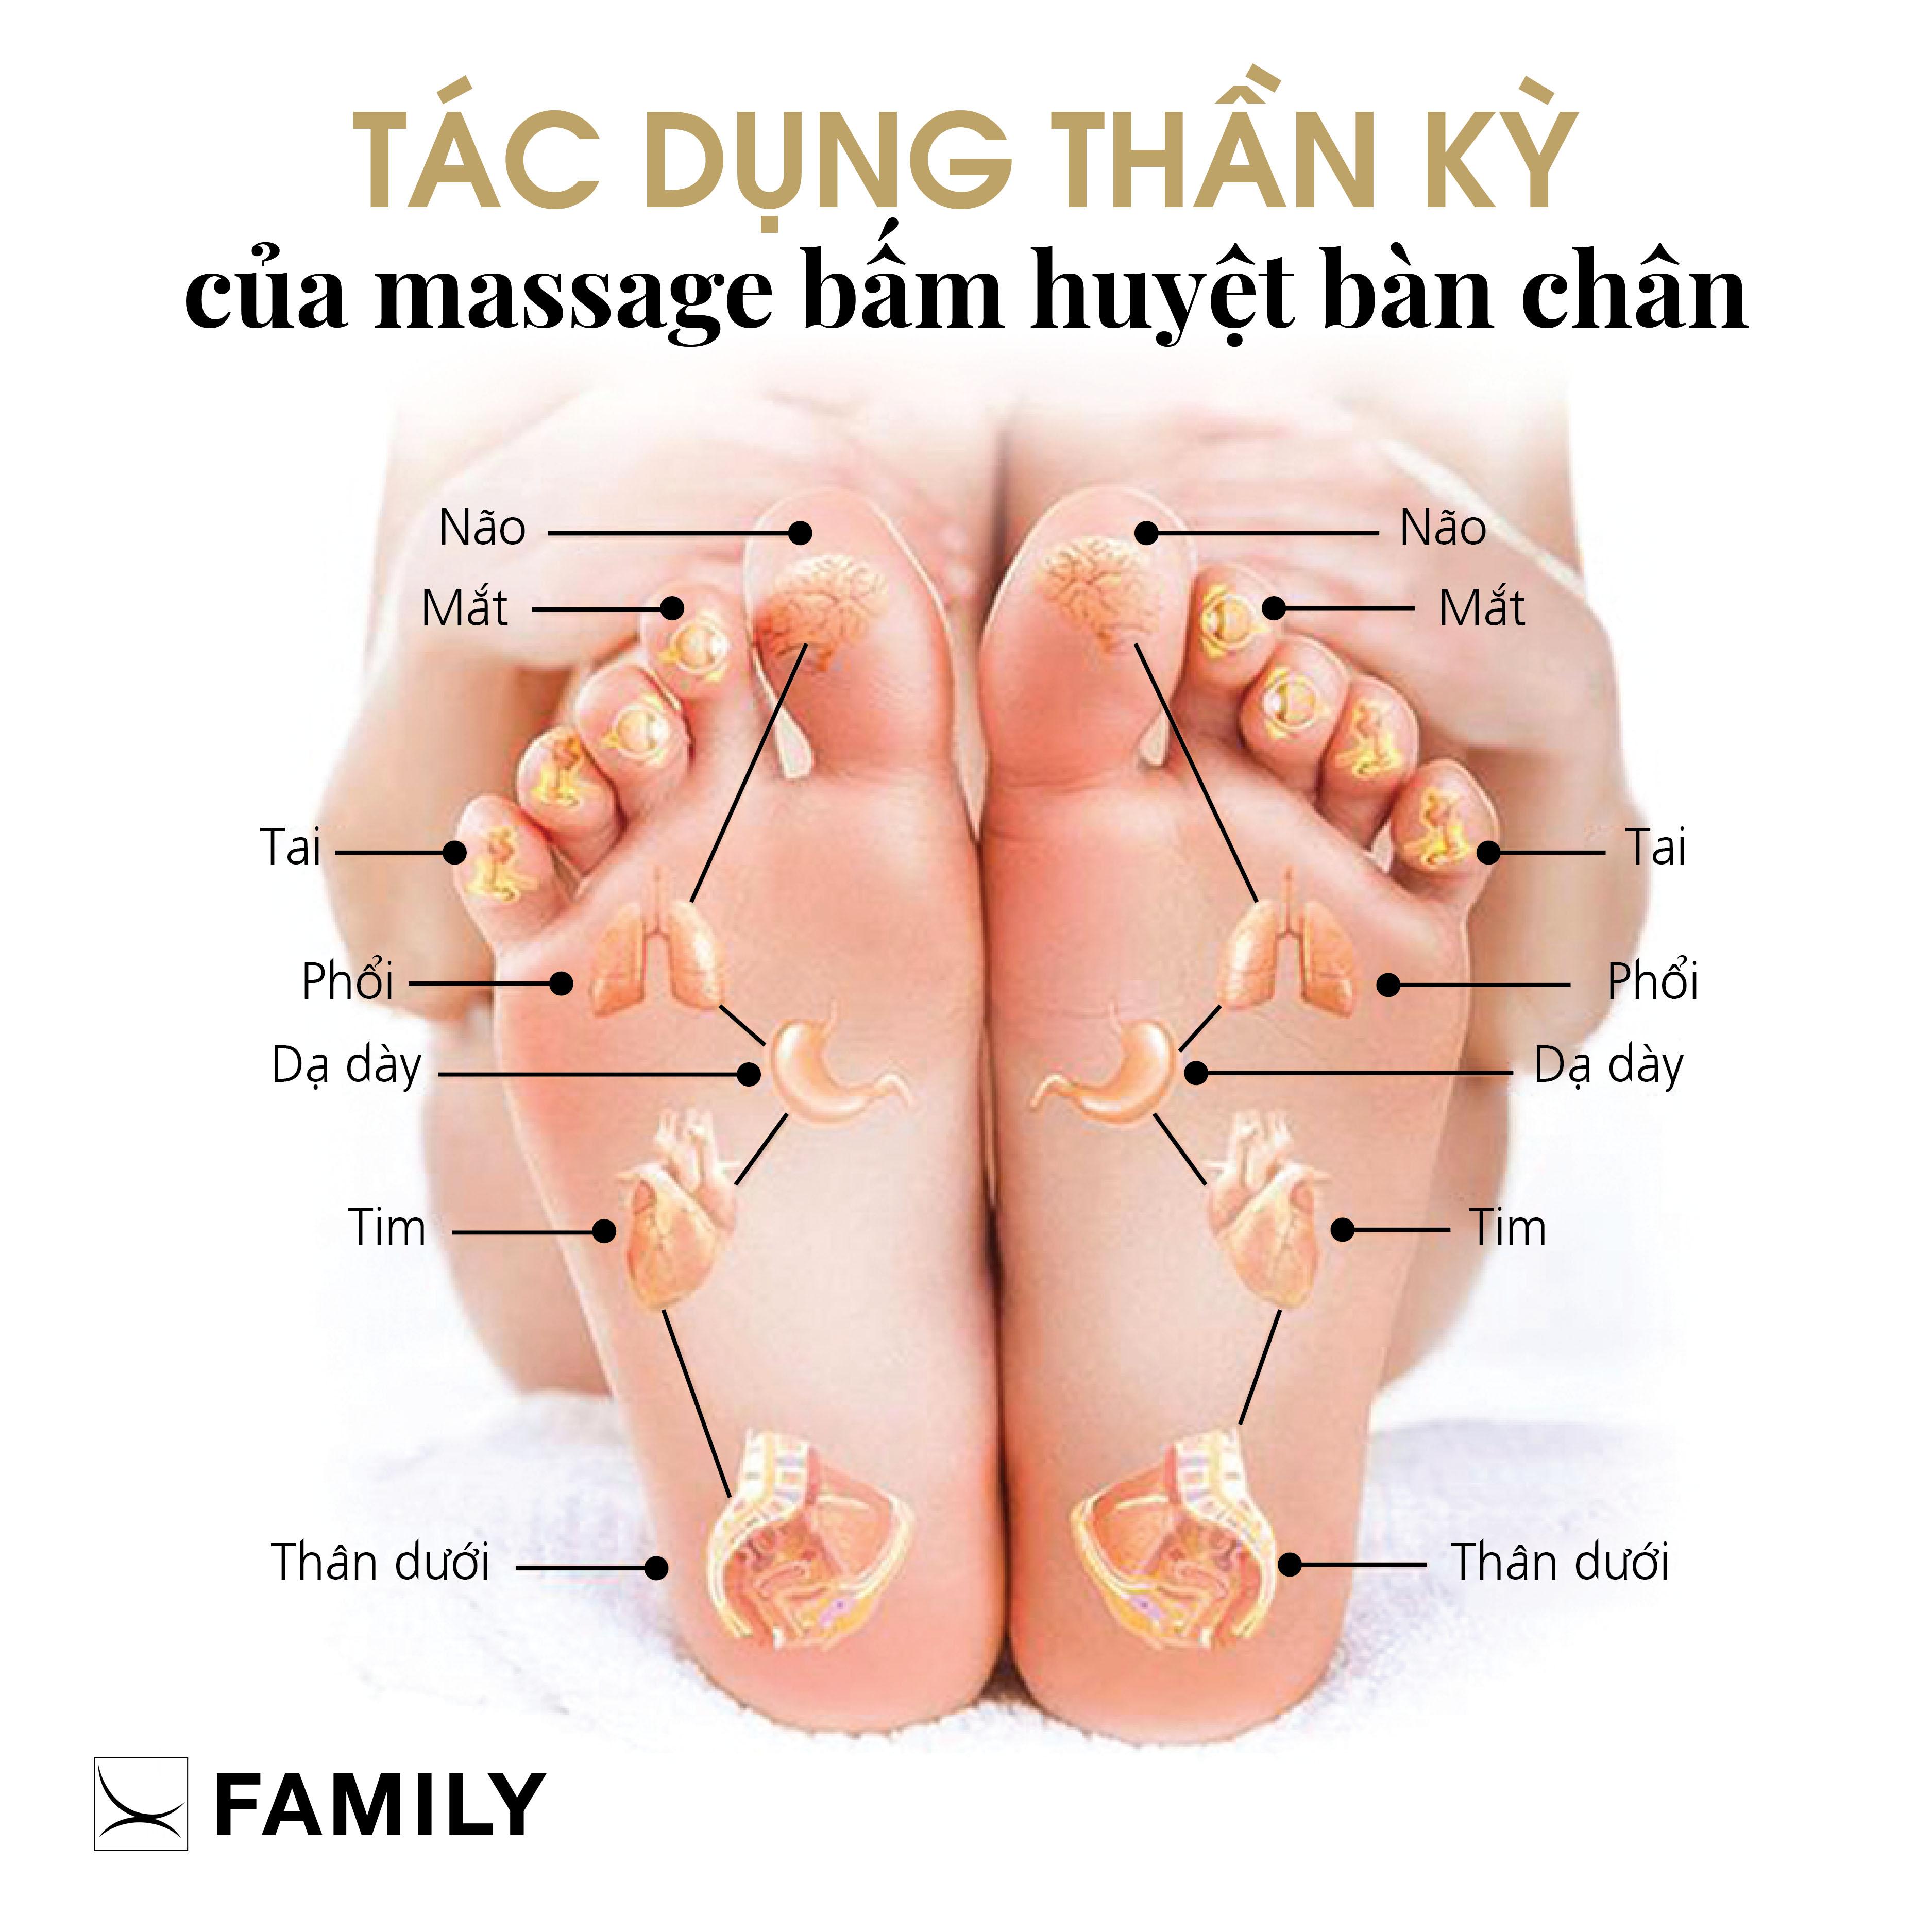 Tác dụng thần kỳ của massage bấm huyệt bàn chân